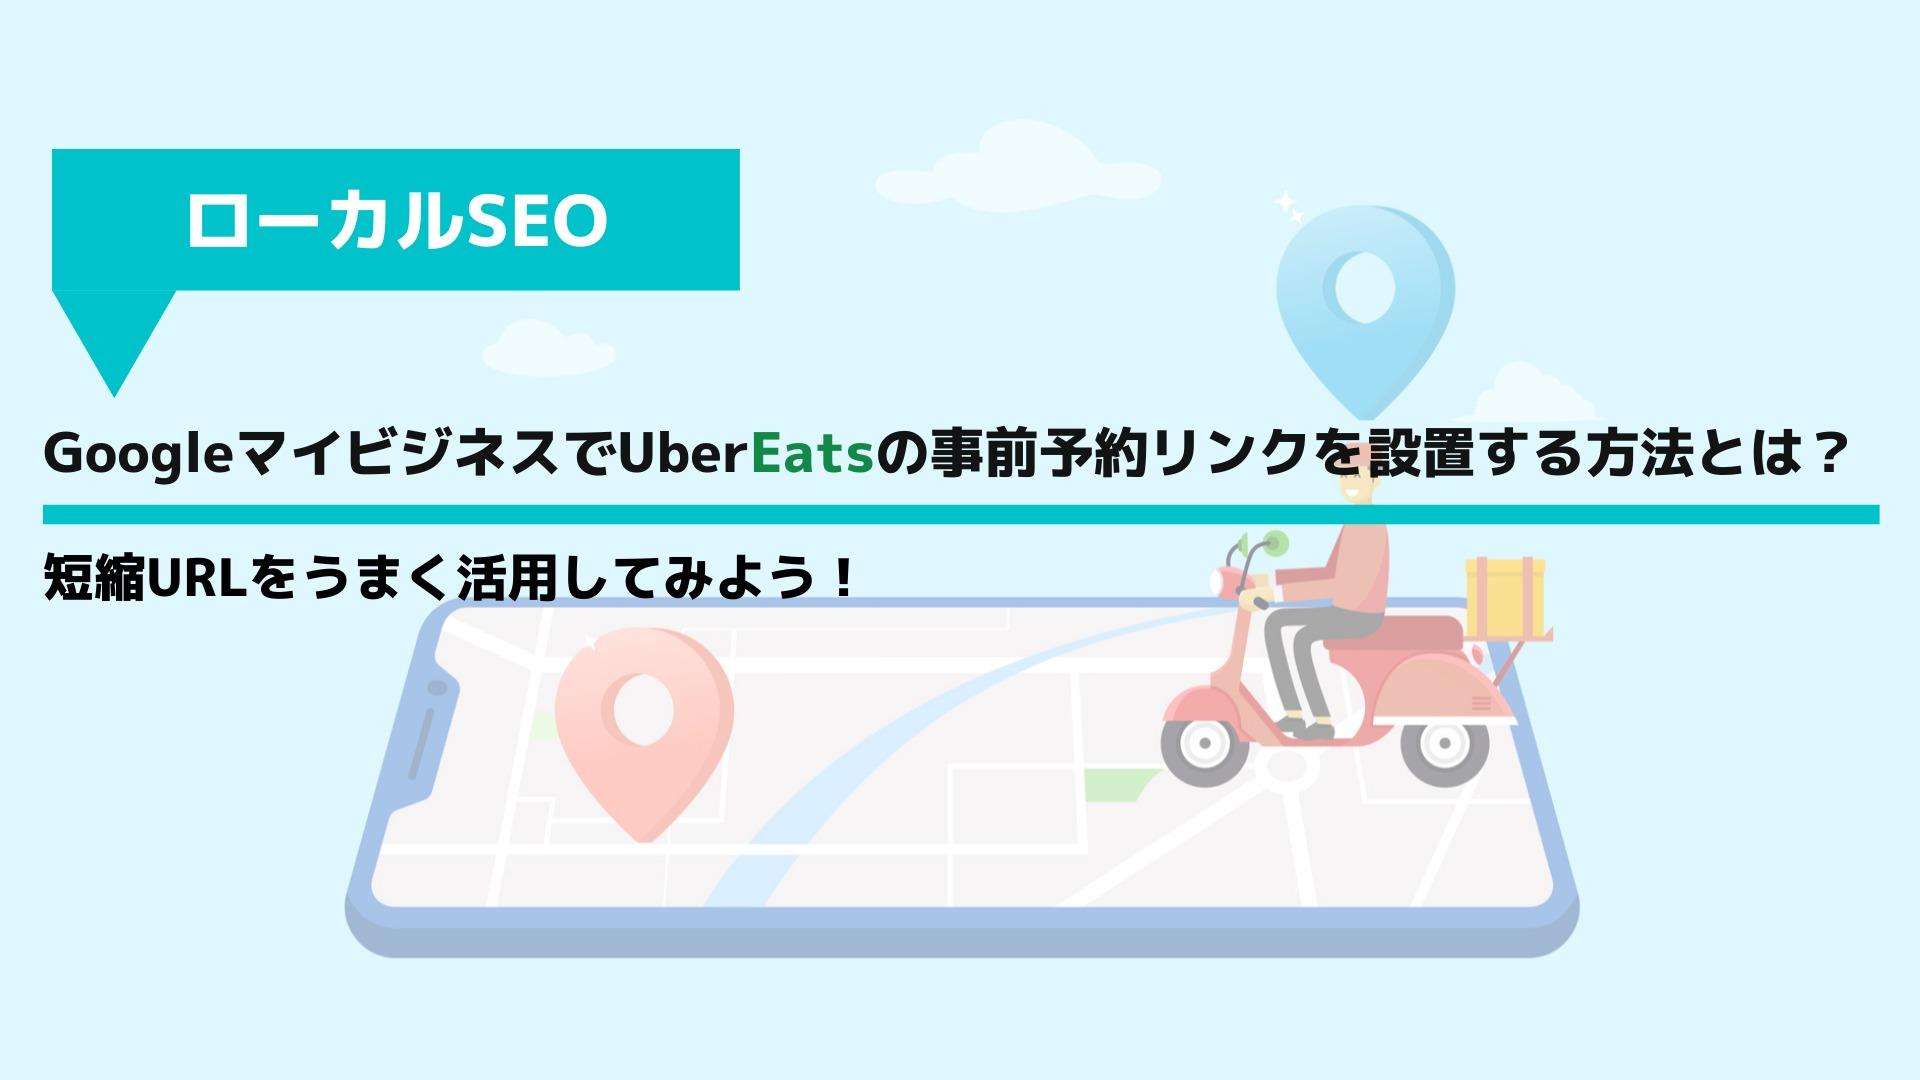 GoogleマイビジネスでUber Eatsの事前予約リンクを設置する方法とは?